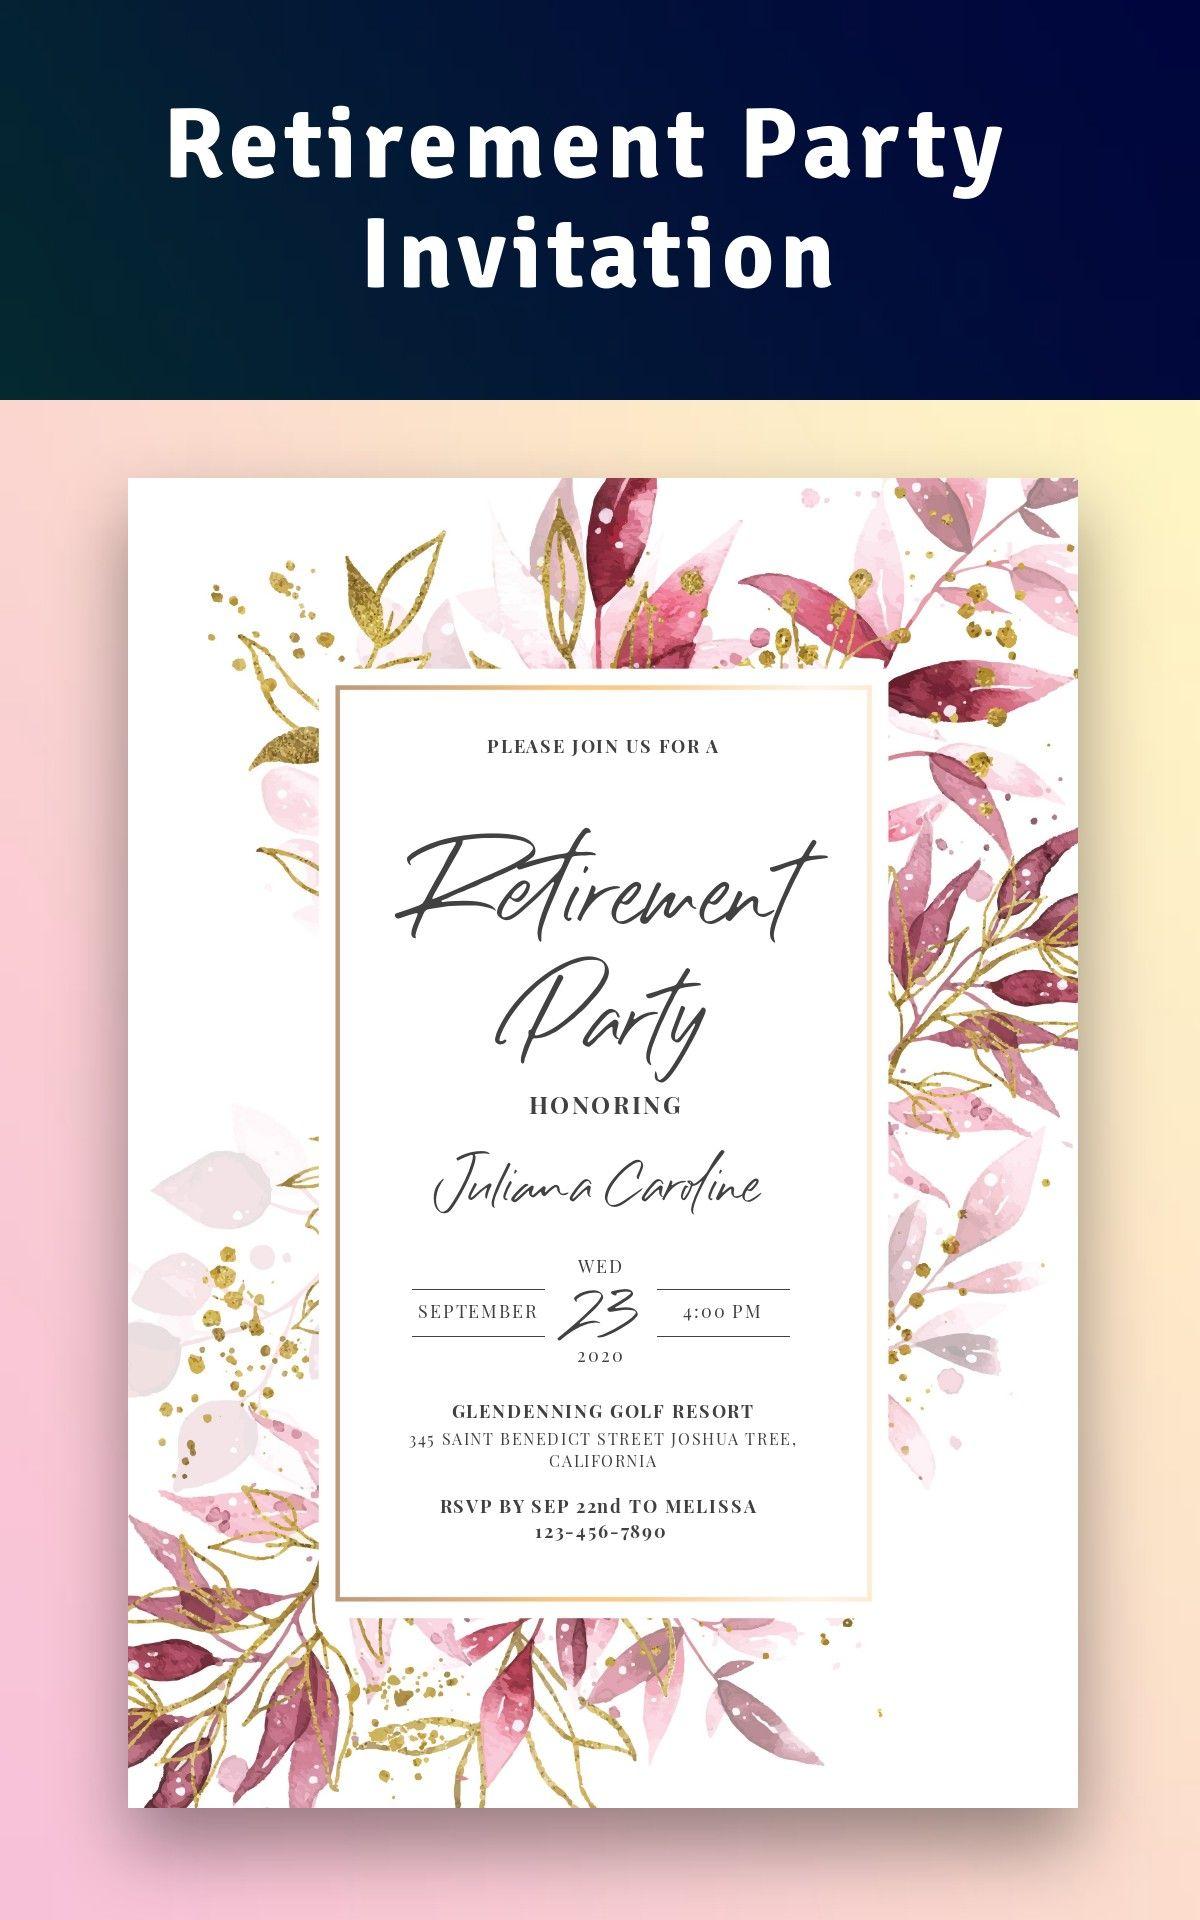 Retirement Party Invitation Personalize Download Retirement Party Invitations Retirement Invitation Card Invitations